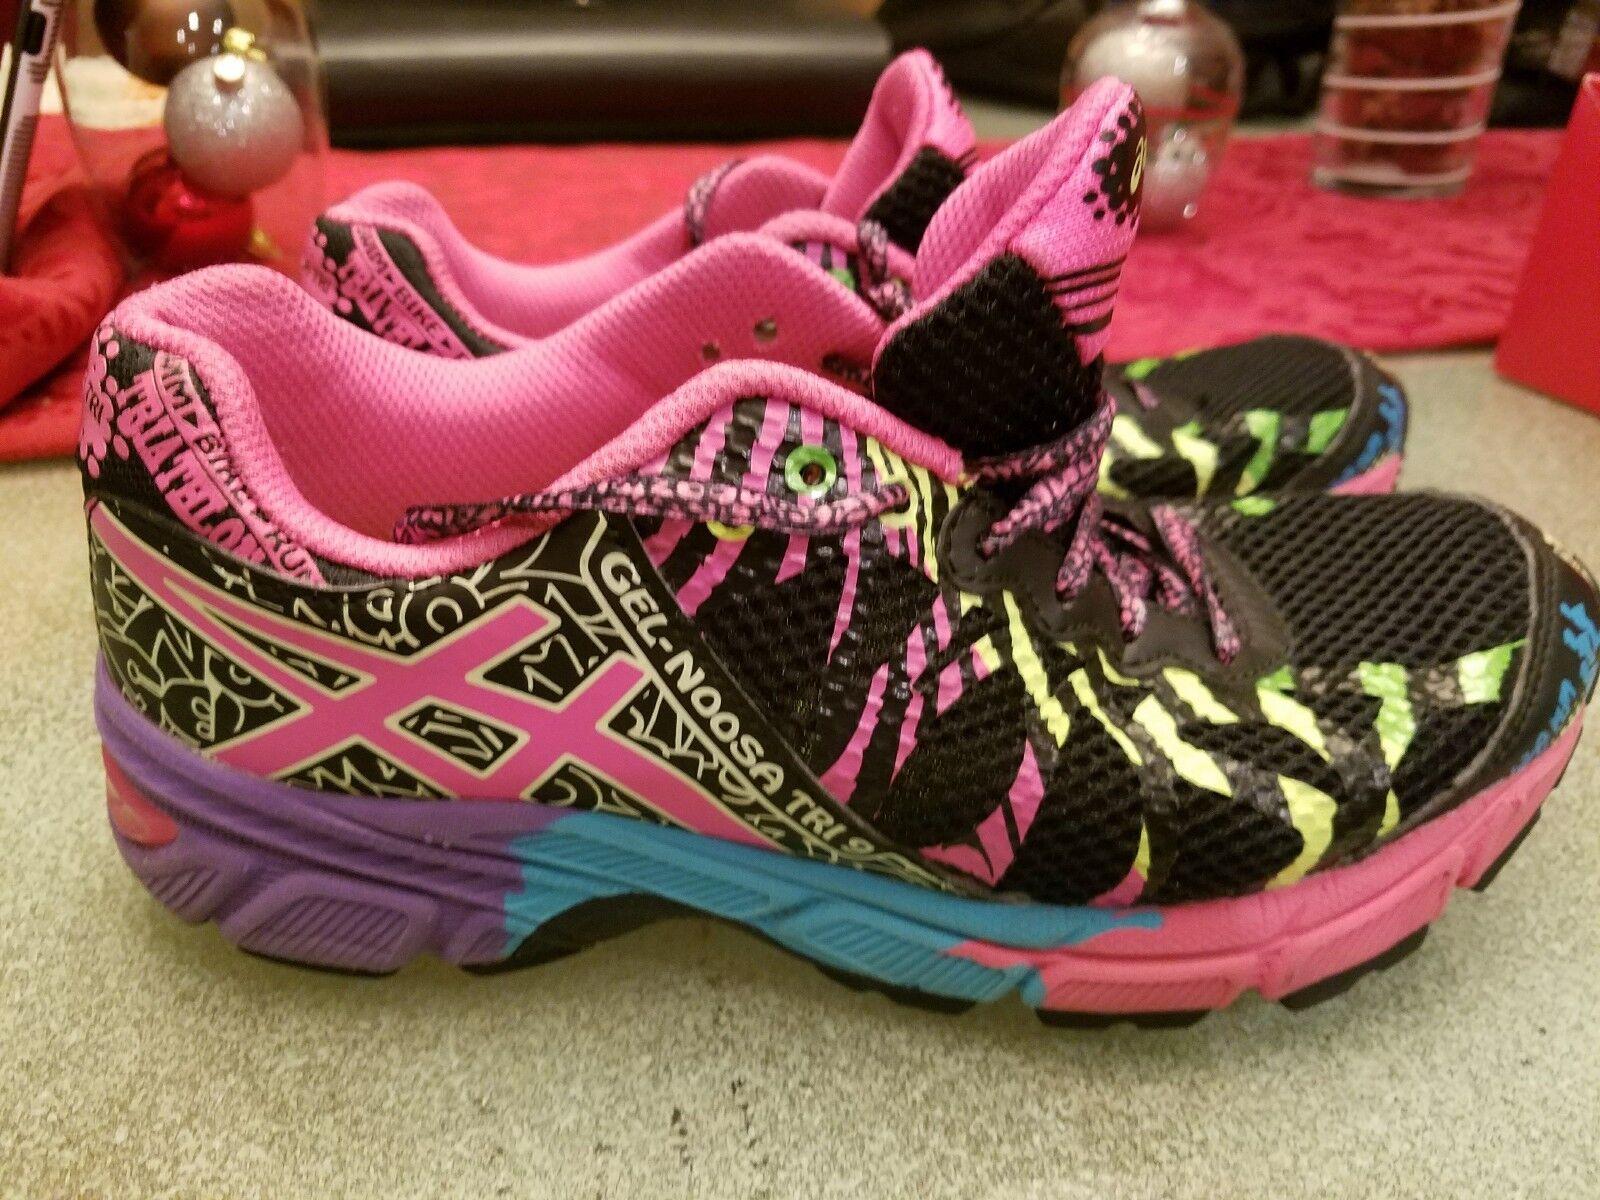 Asics Gel mujer Noosa Tri 9 running mujer Gel cómodos zapatos nuevos para hombres y mujeres, el limitado tiempo de descuento e363e1